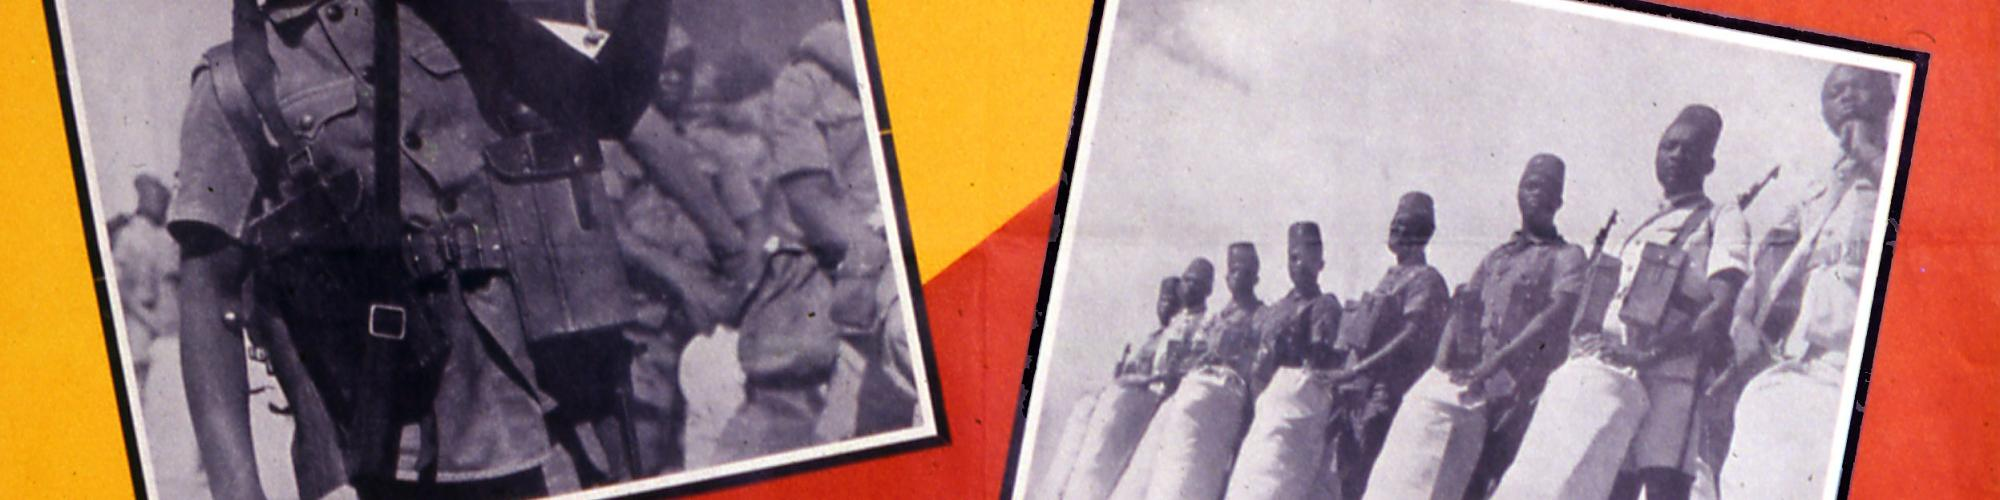 Affiche 'The Belgian colonial troops in the Middle East, [1940-1945]' uitgegeven door Print. L. S. Gray & Co, (coll. CegeSoma/Rijksarchief, n°274035, rechten voorbehouden).